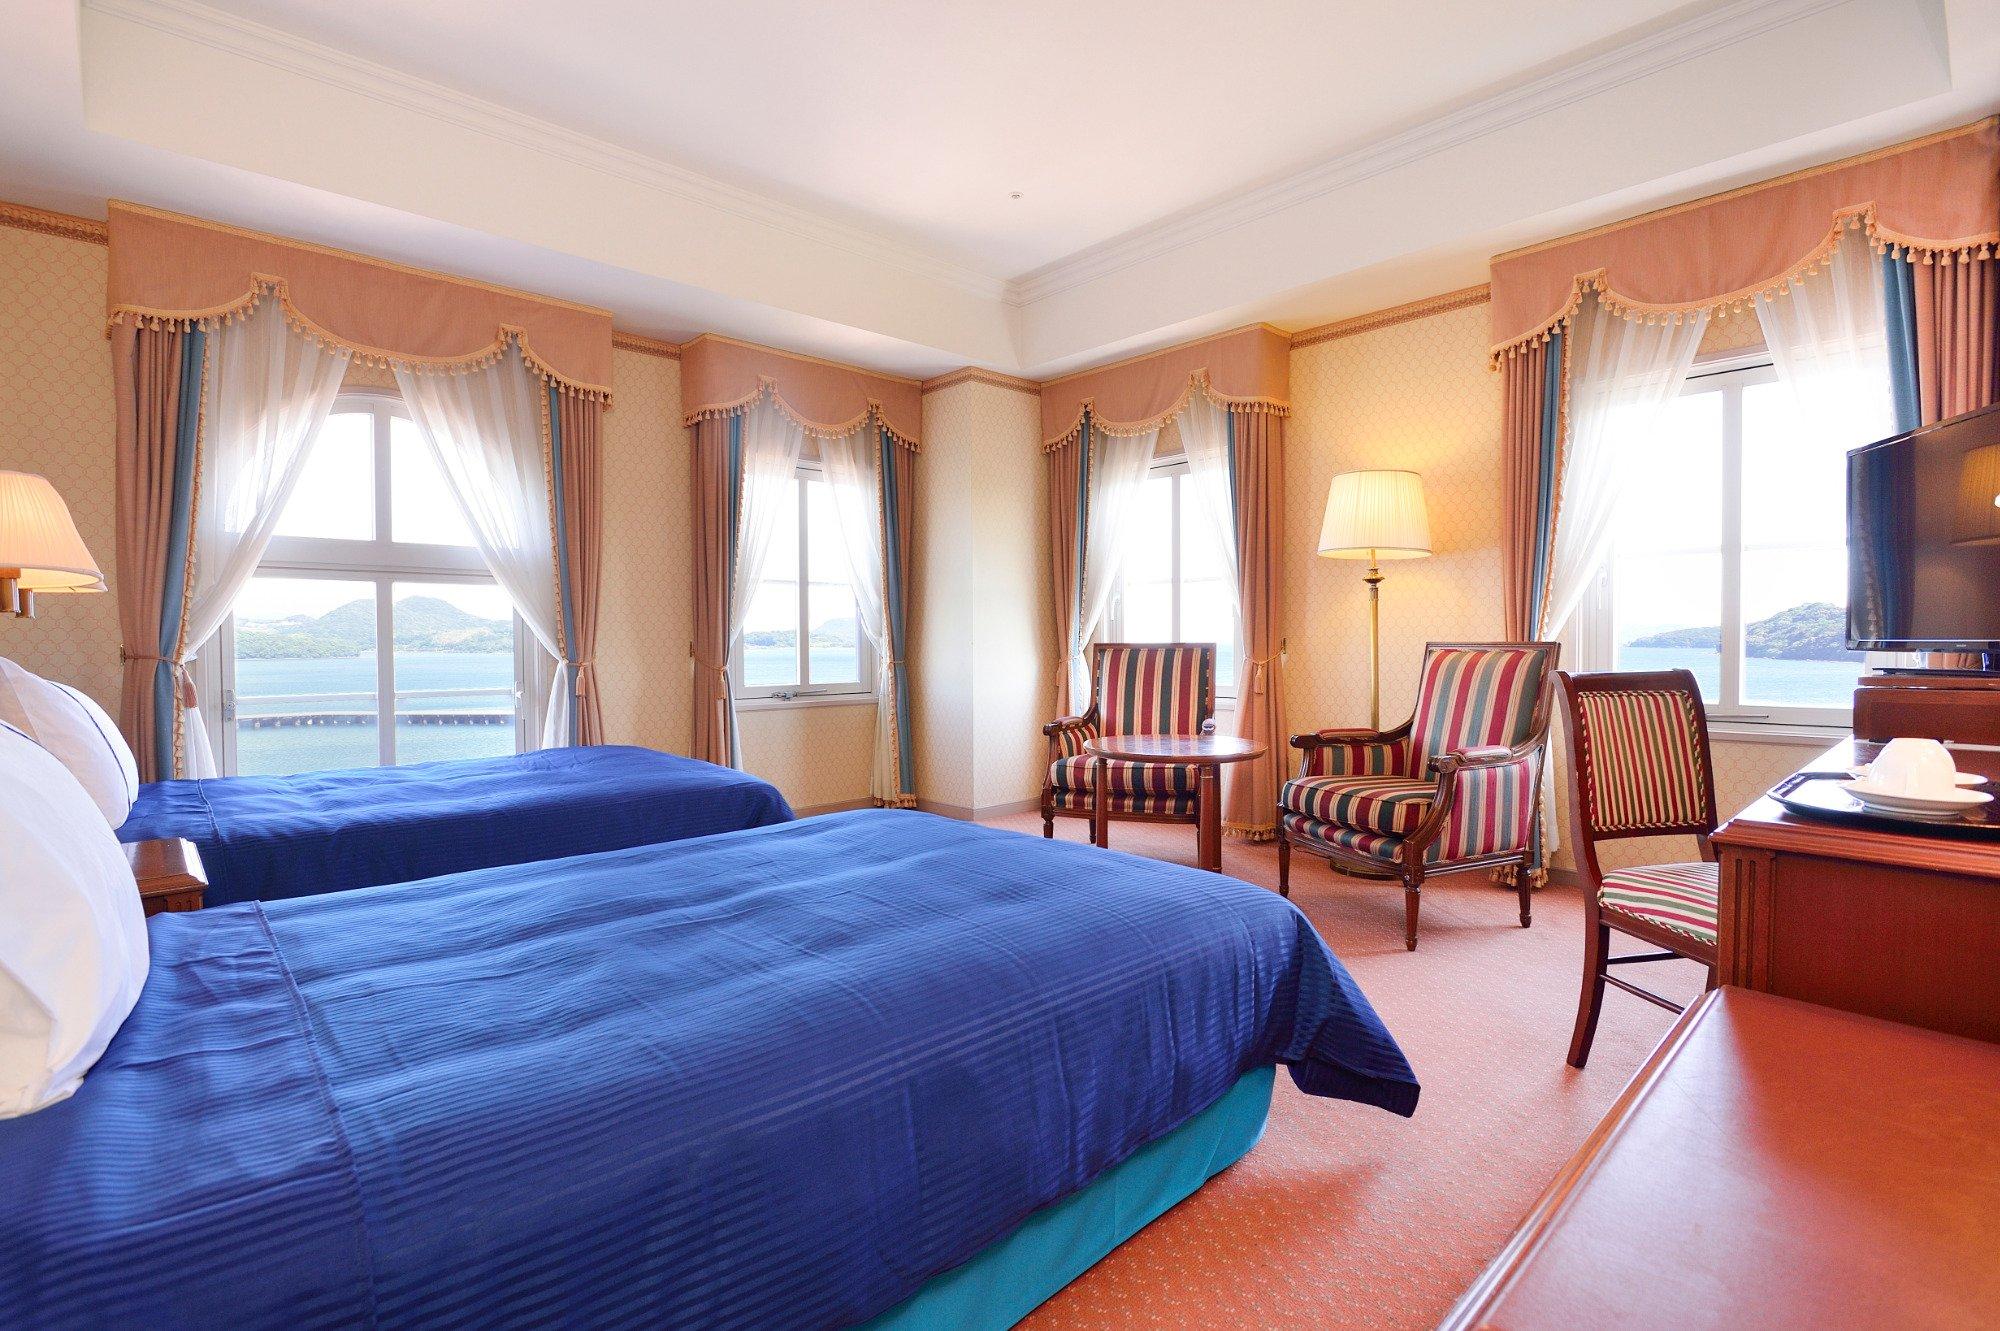 ウォーターマークホテル長崎 ハウステンボス